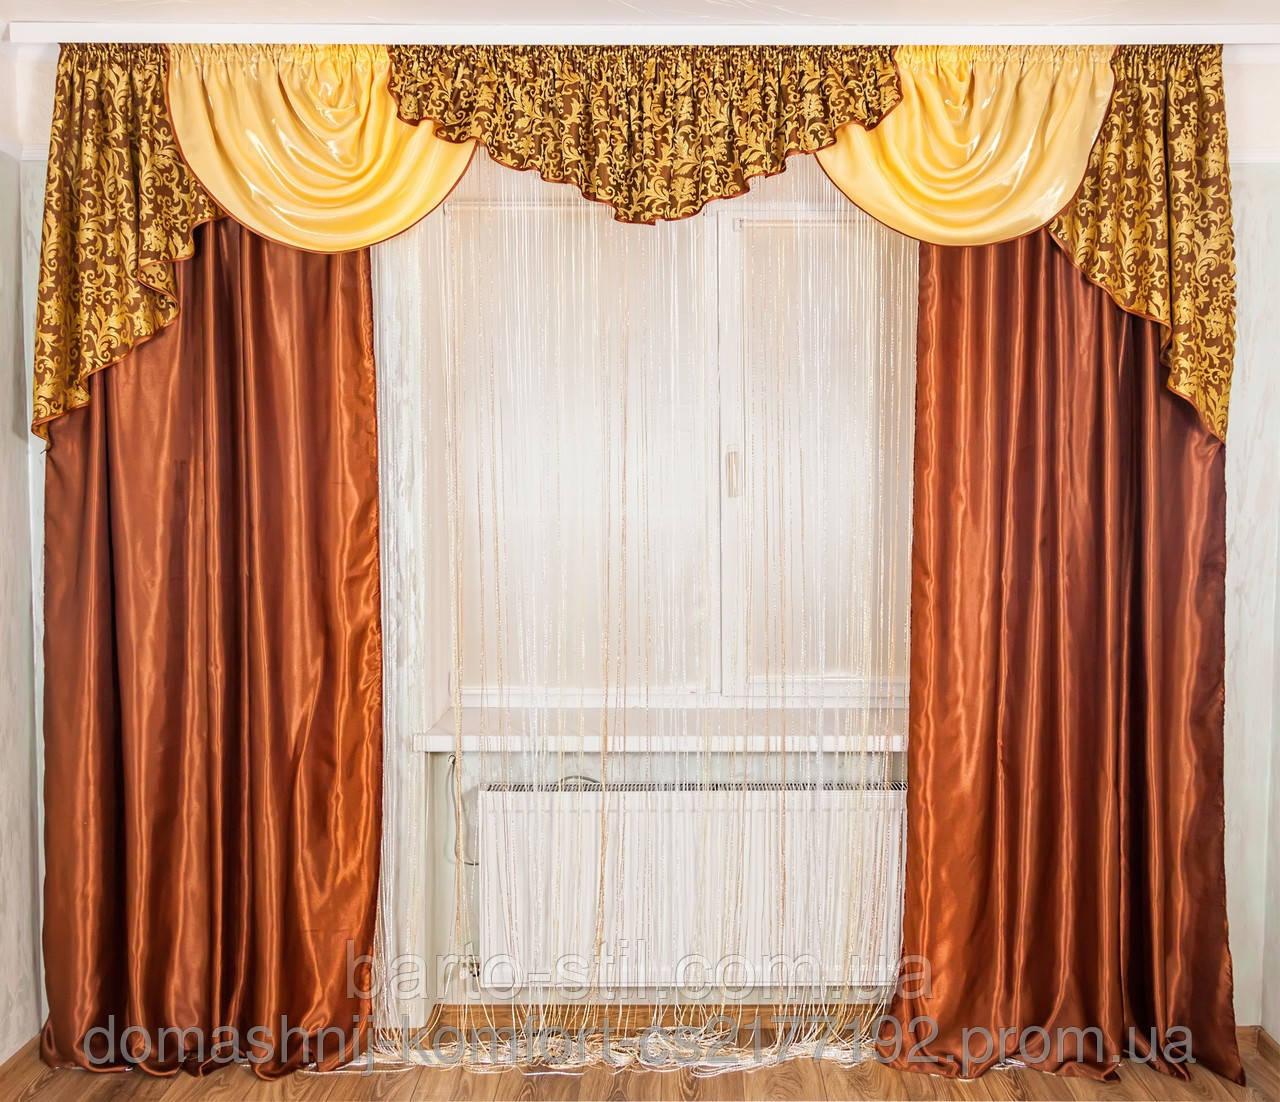 """Шторный комплект """"Эвелина"""" с шторным ламбрекеном и атласными шторами на карниз 2.5м - 3.5м высотой 2.8м"""